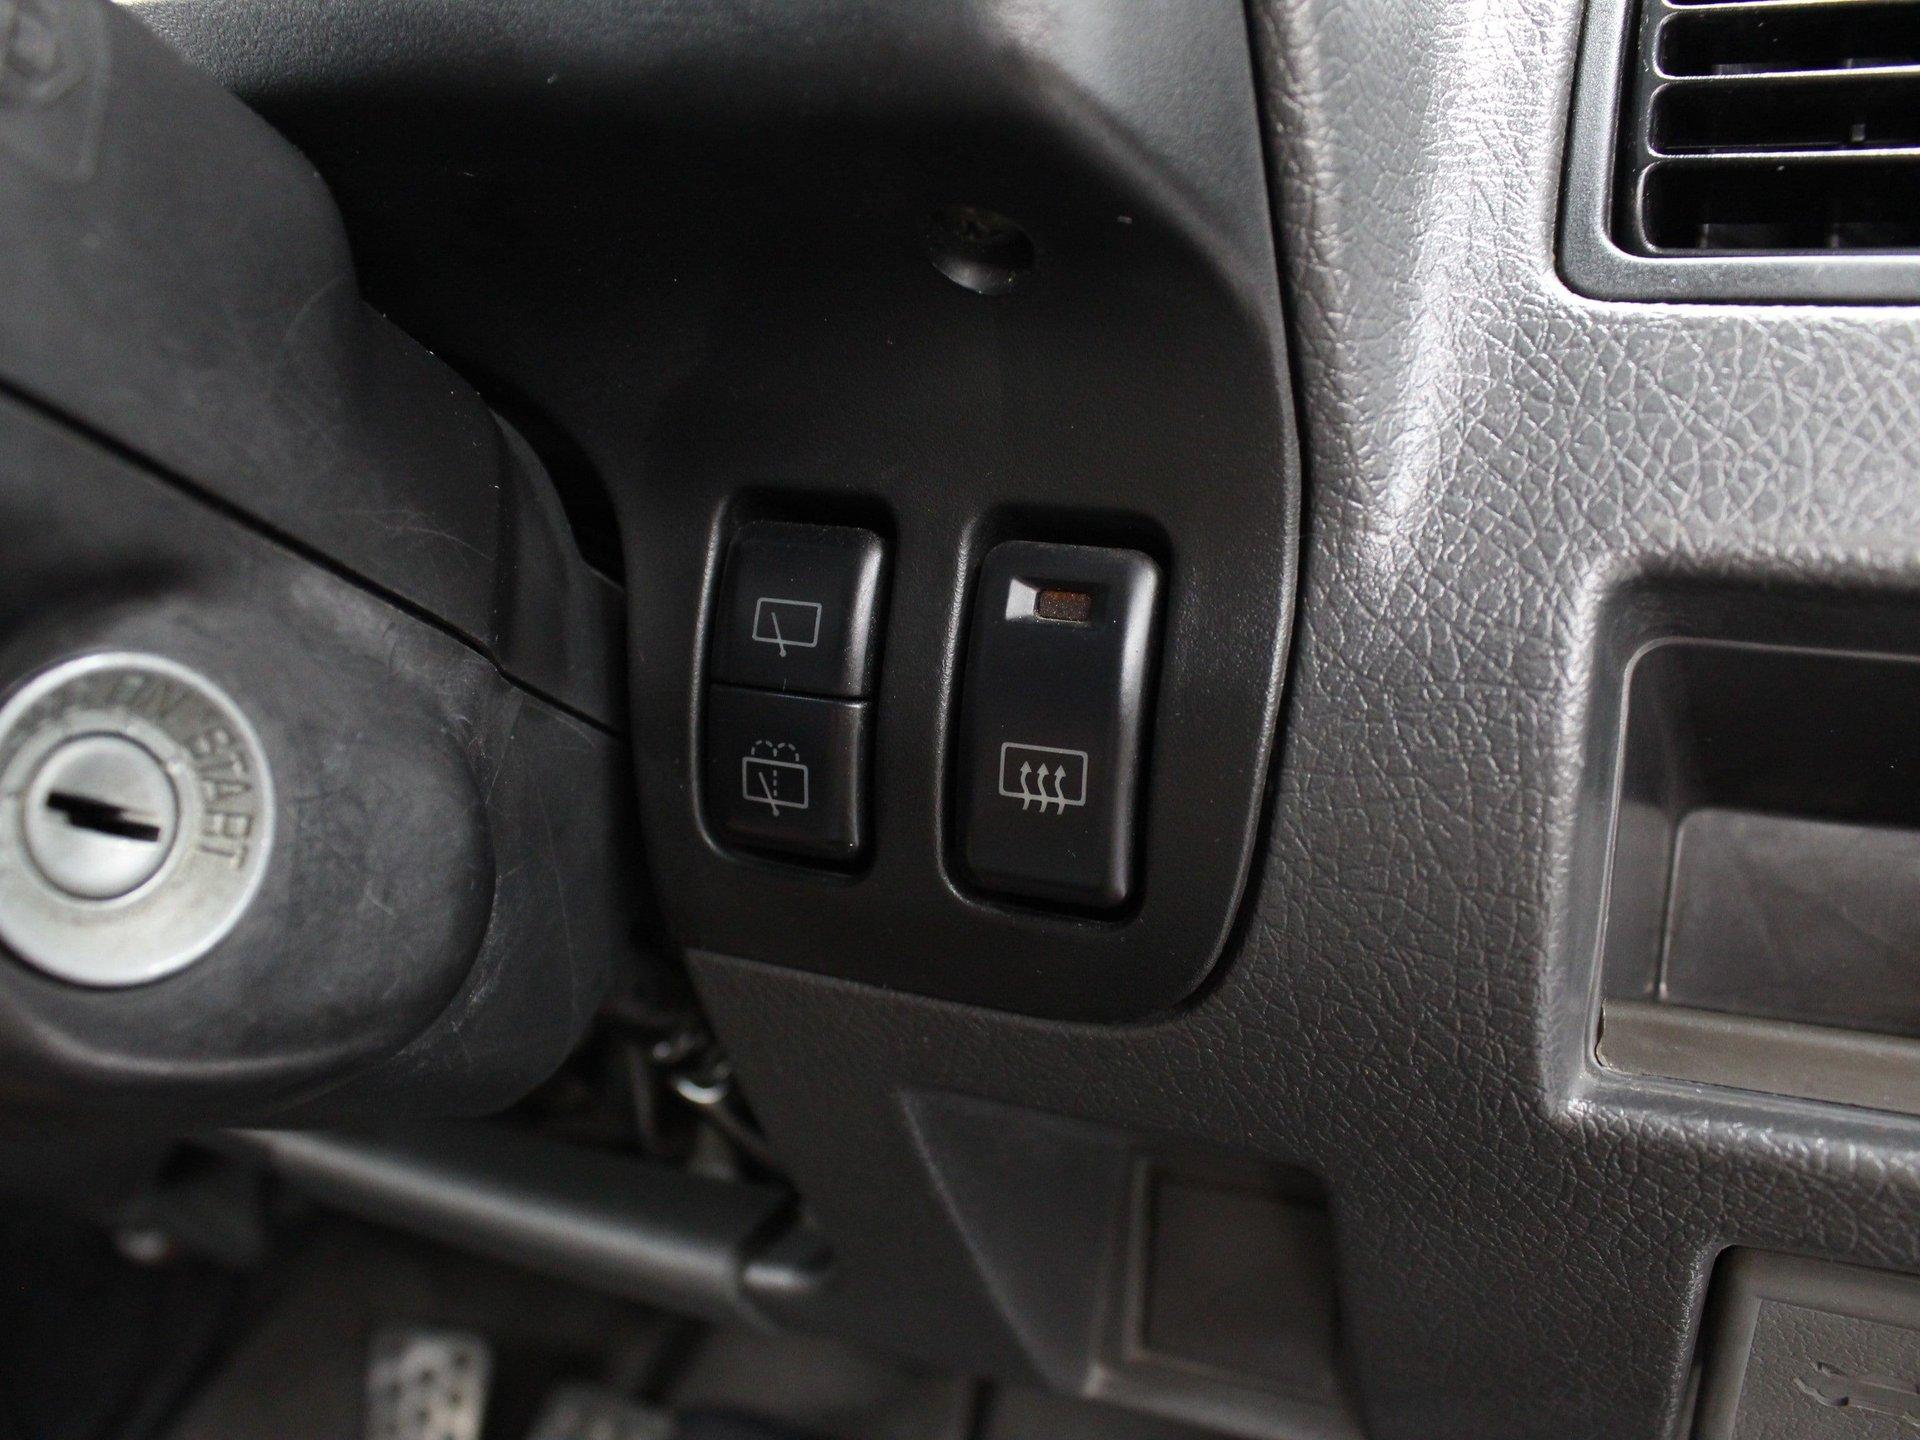 1991 Suzuki Cervo